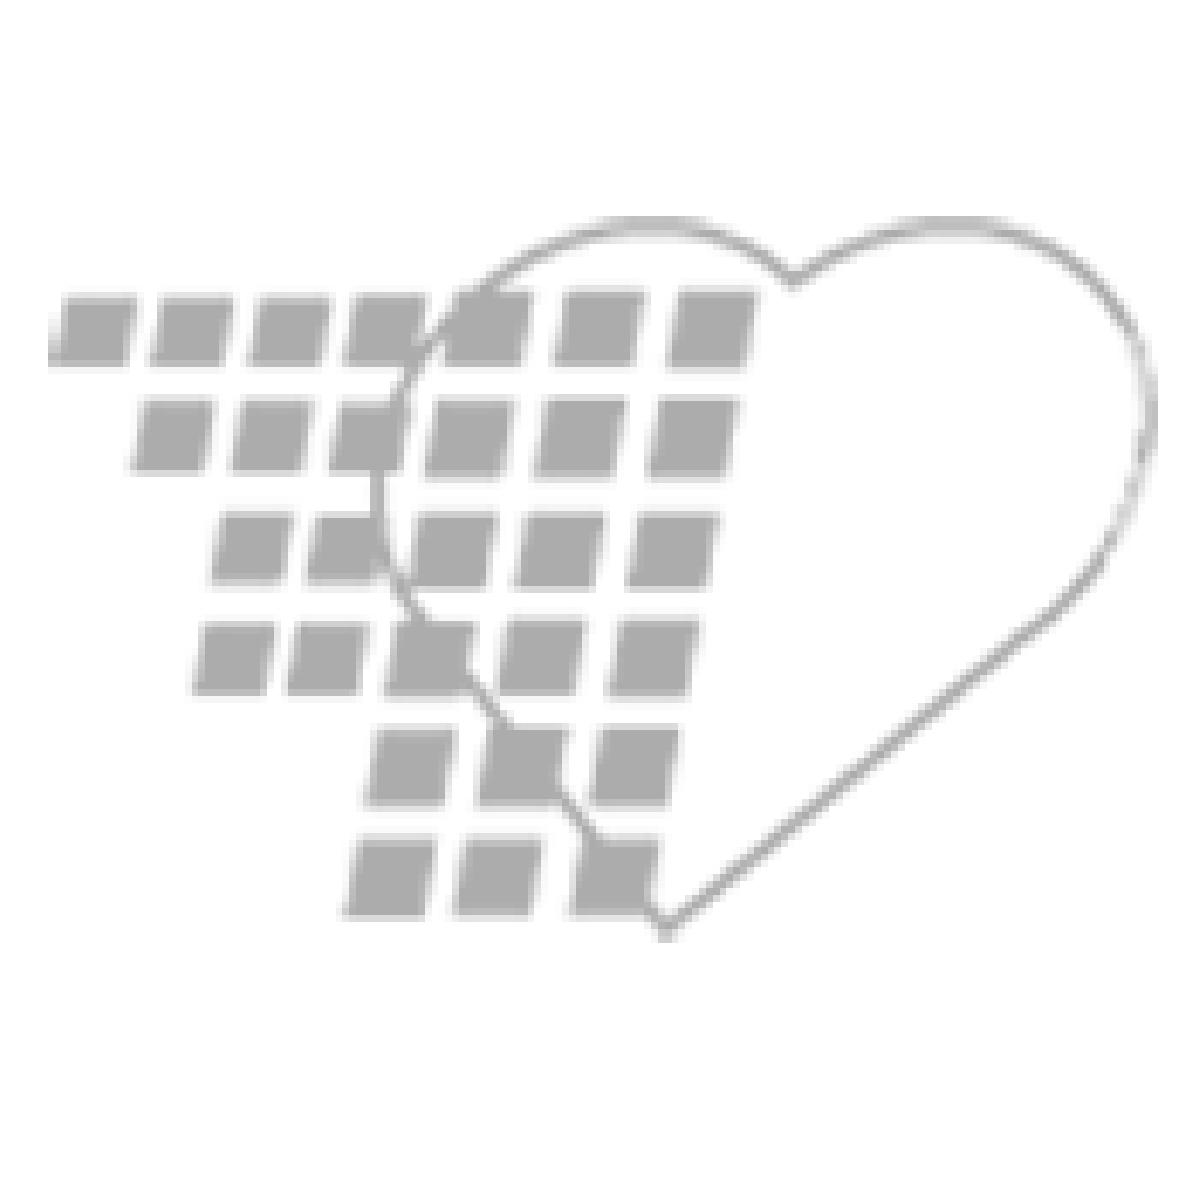 02-70-9715 Welch Allyn Full Diagnostic Set